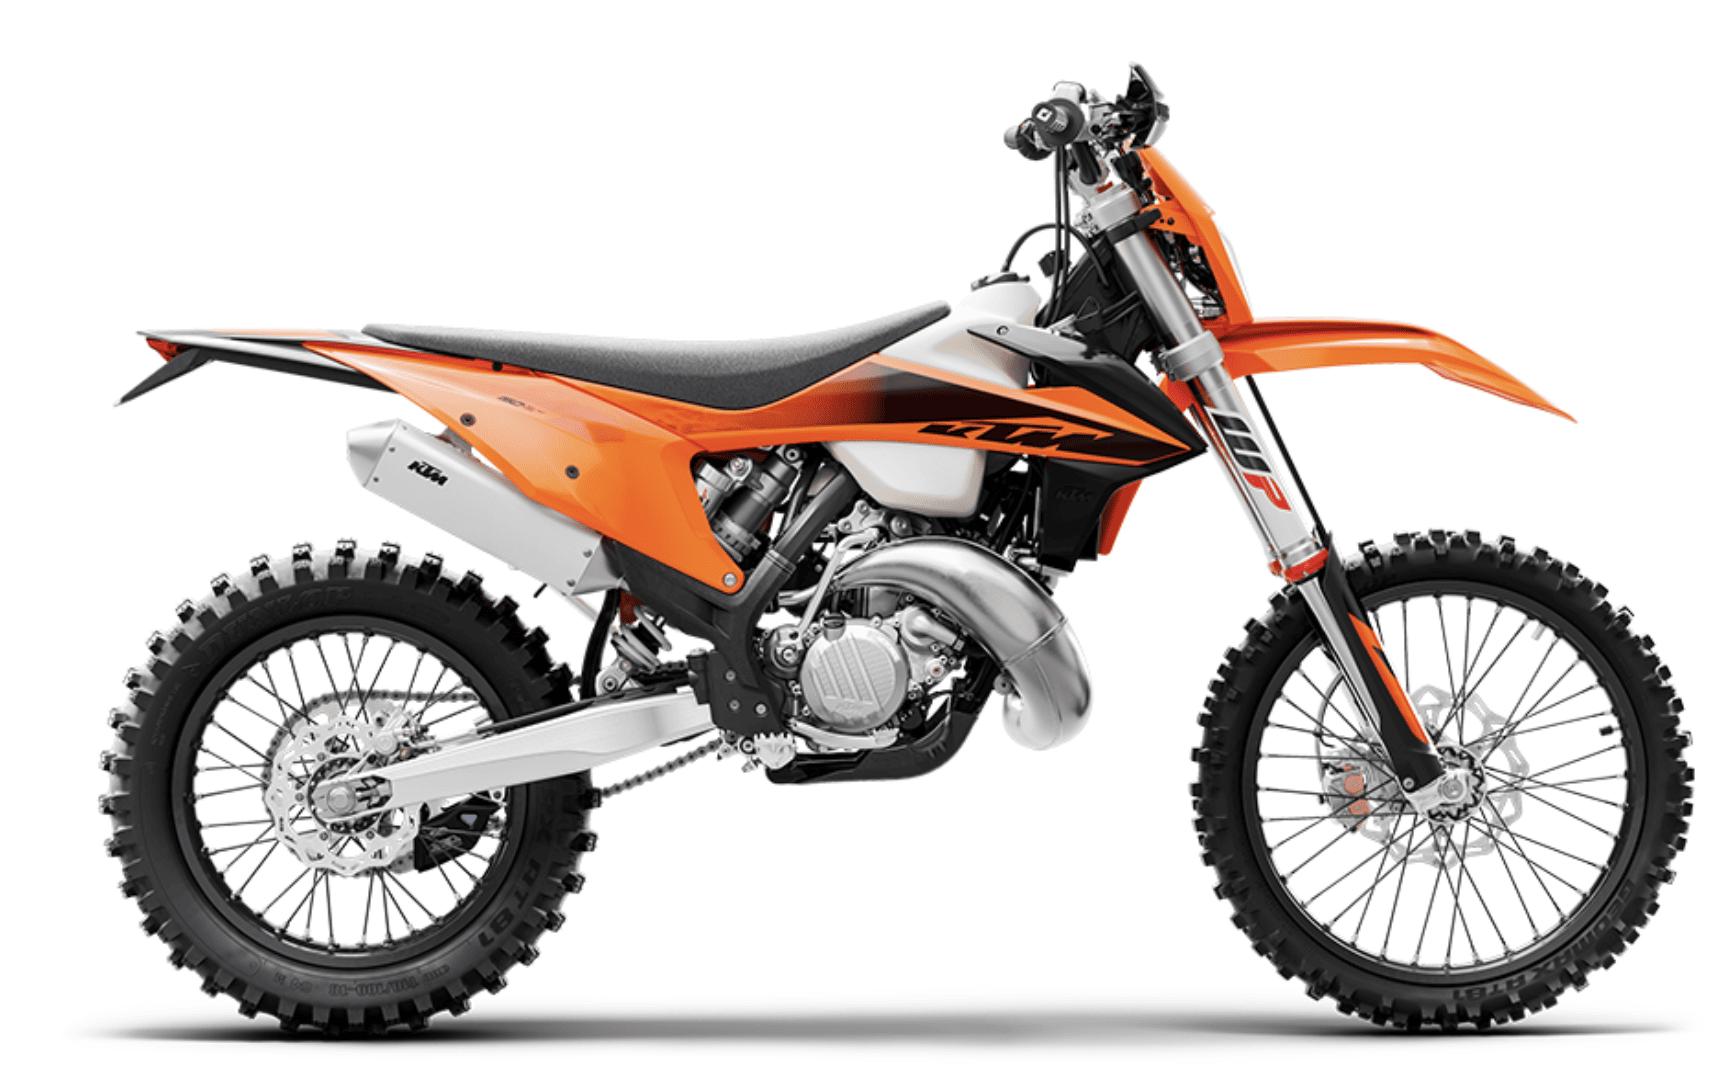 2020 KTM Enduro dirt bike